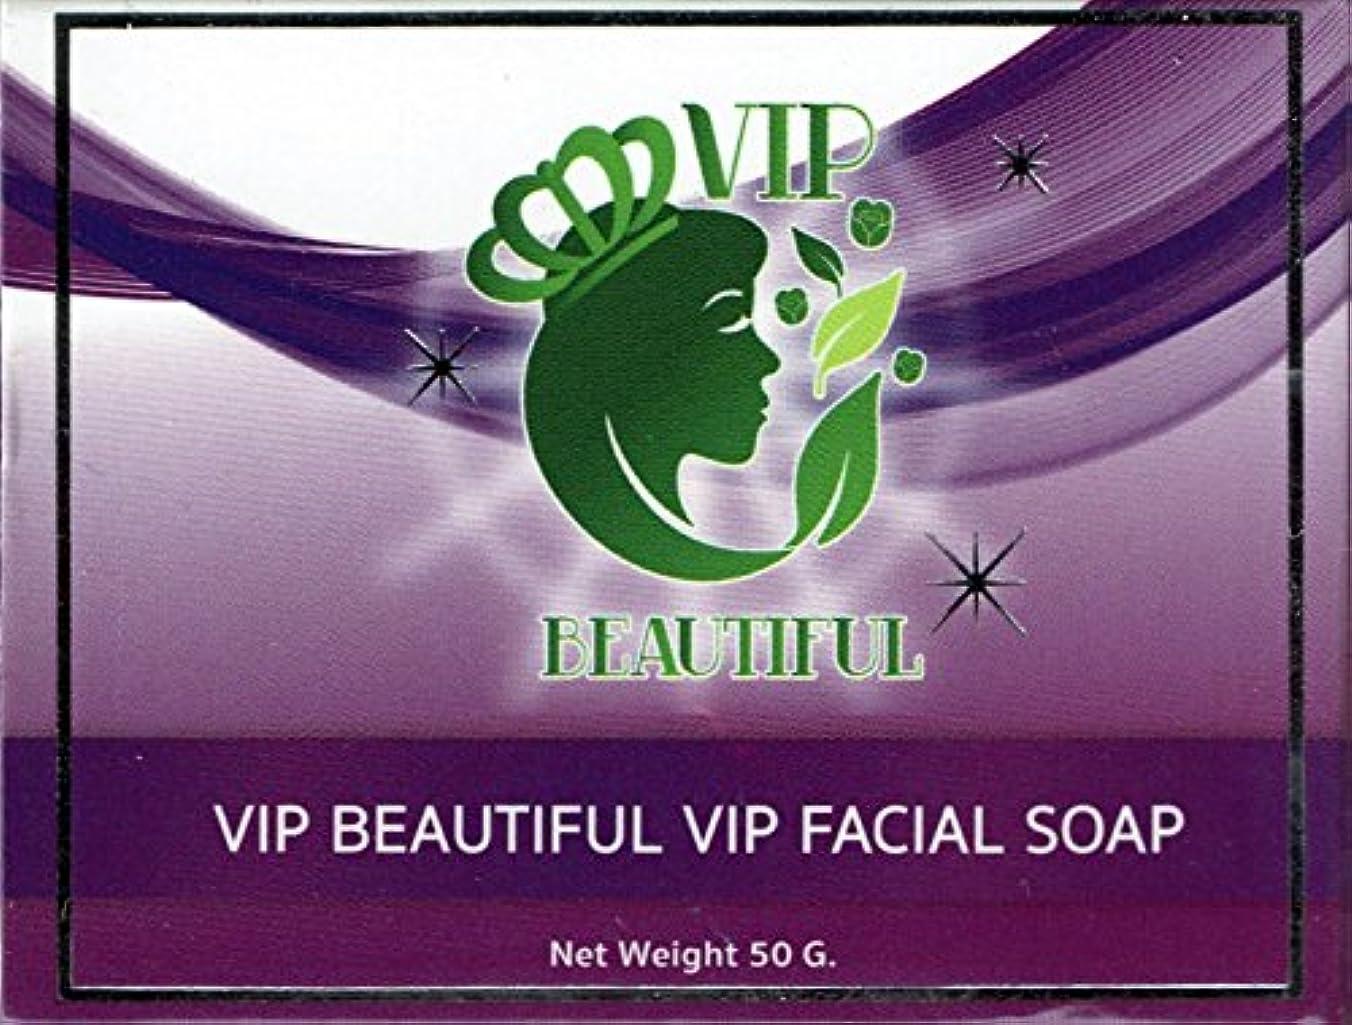 申し込むブランド名神秘的なVIP BEAUTIFUL VIP FACIAL SOAP タイ 石鹸